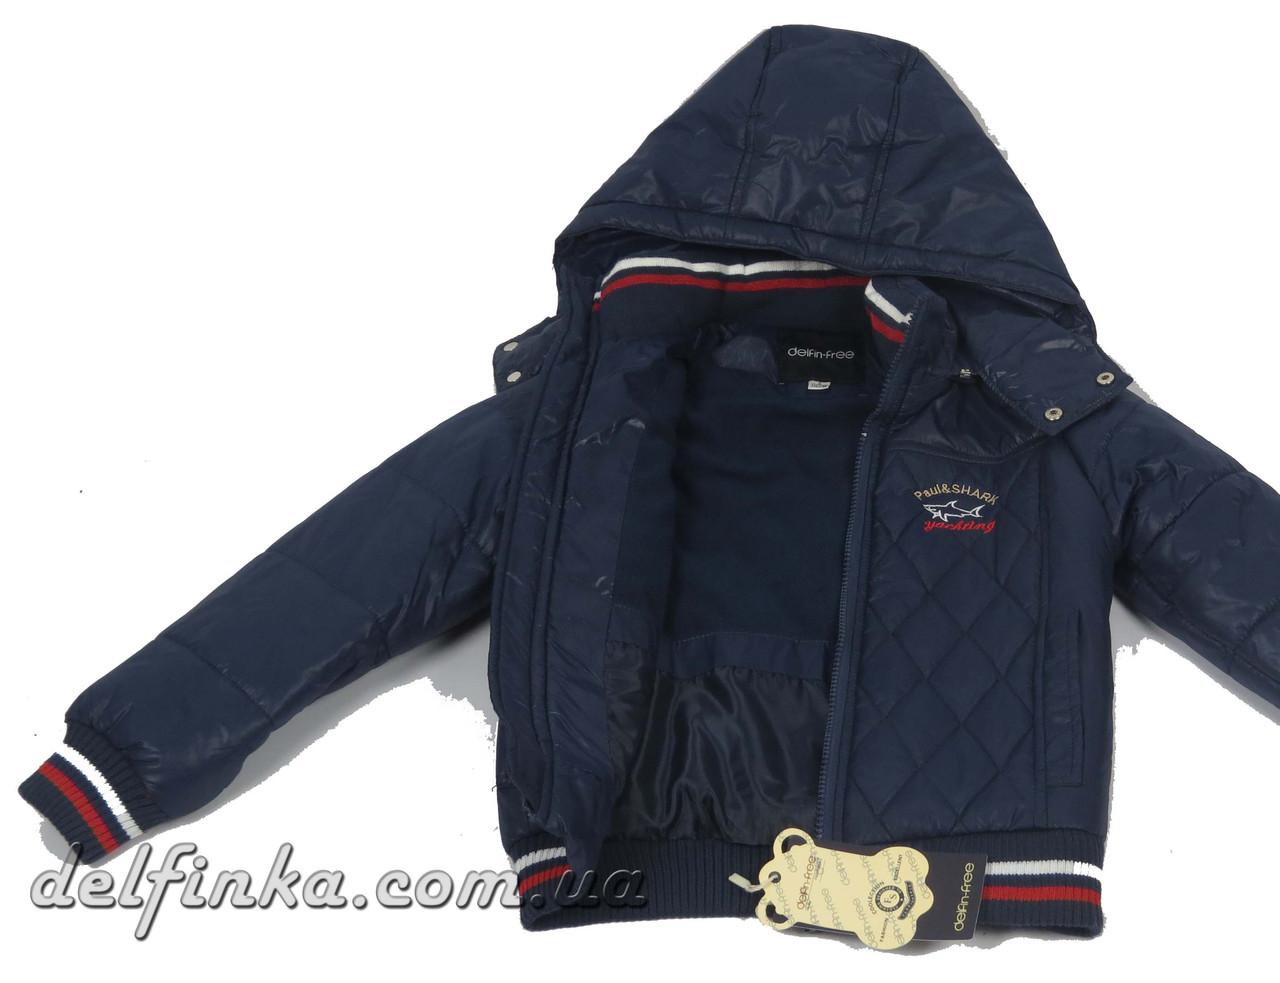 Куртка, для мальчика, теплая, на флисе, 1-4 лет цвет серый, фото 3